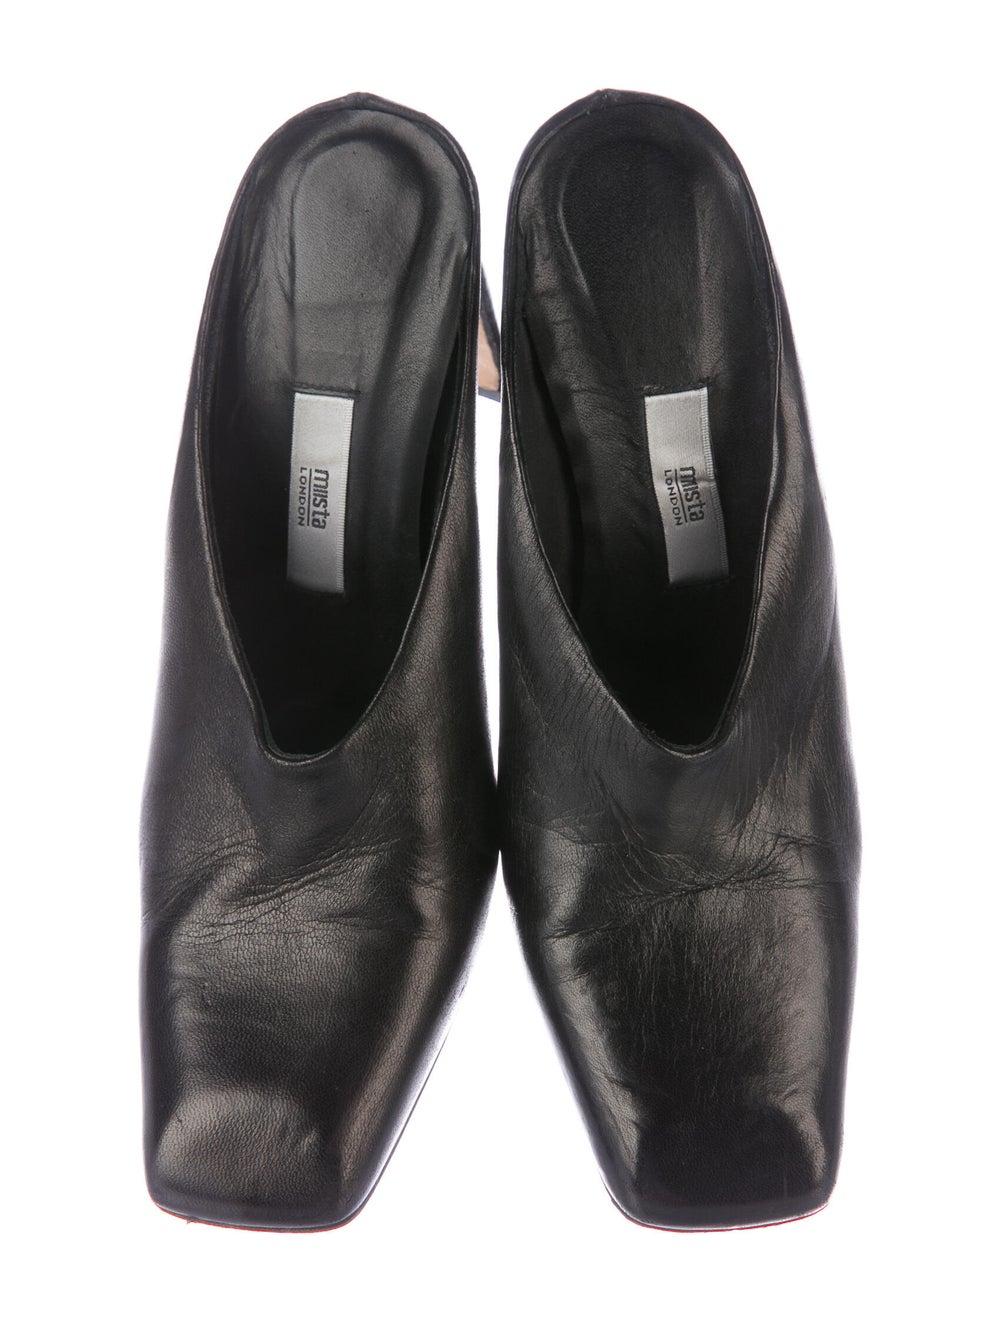 Miista Leather Mules Black - image 3